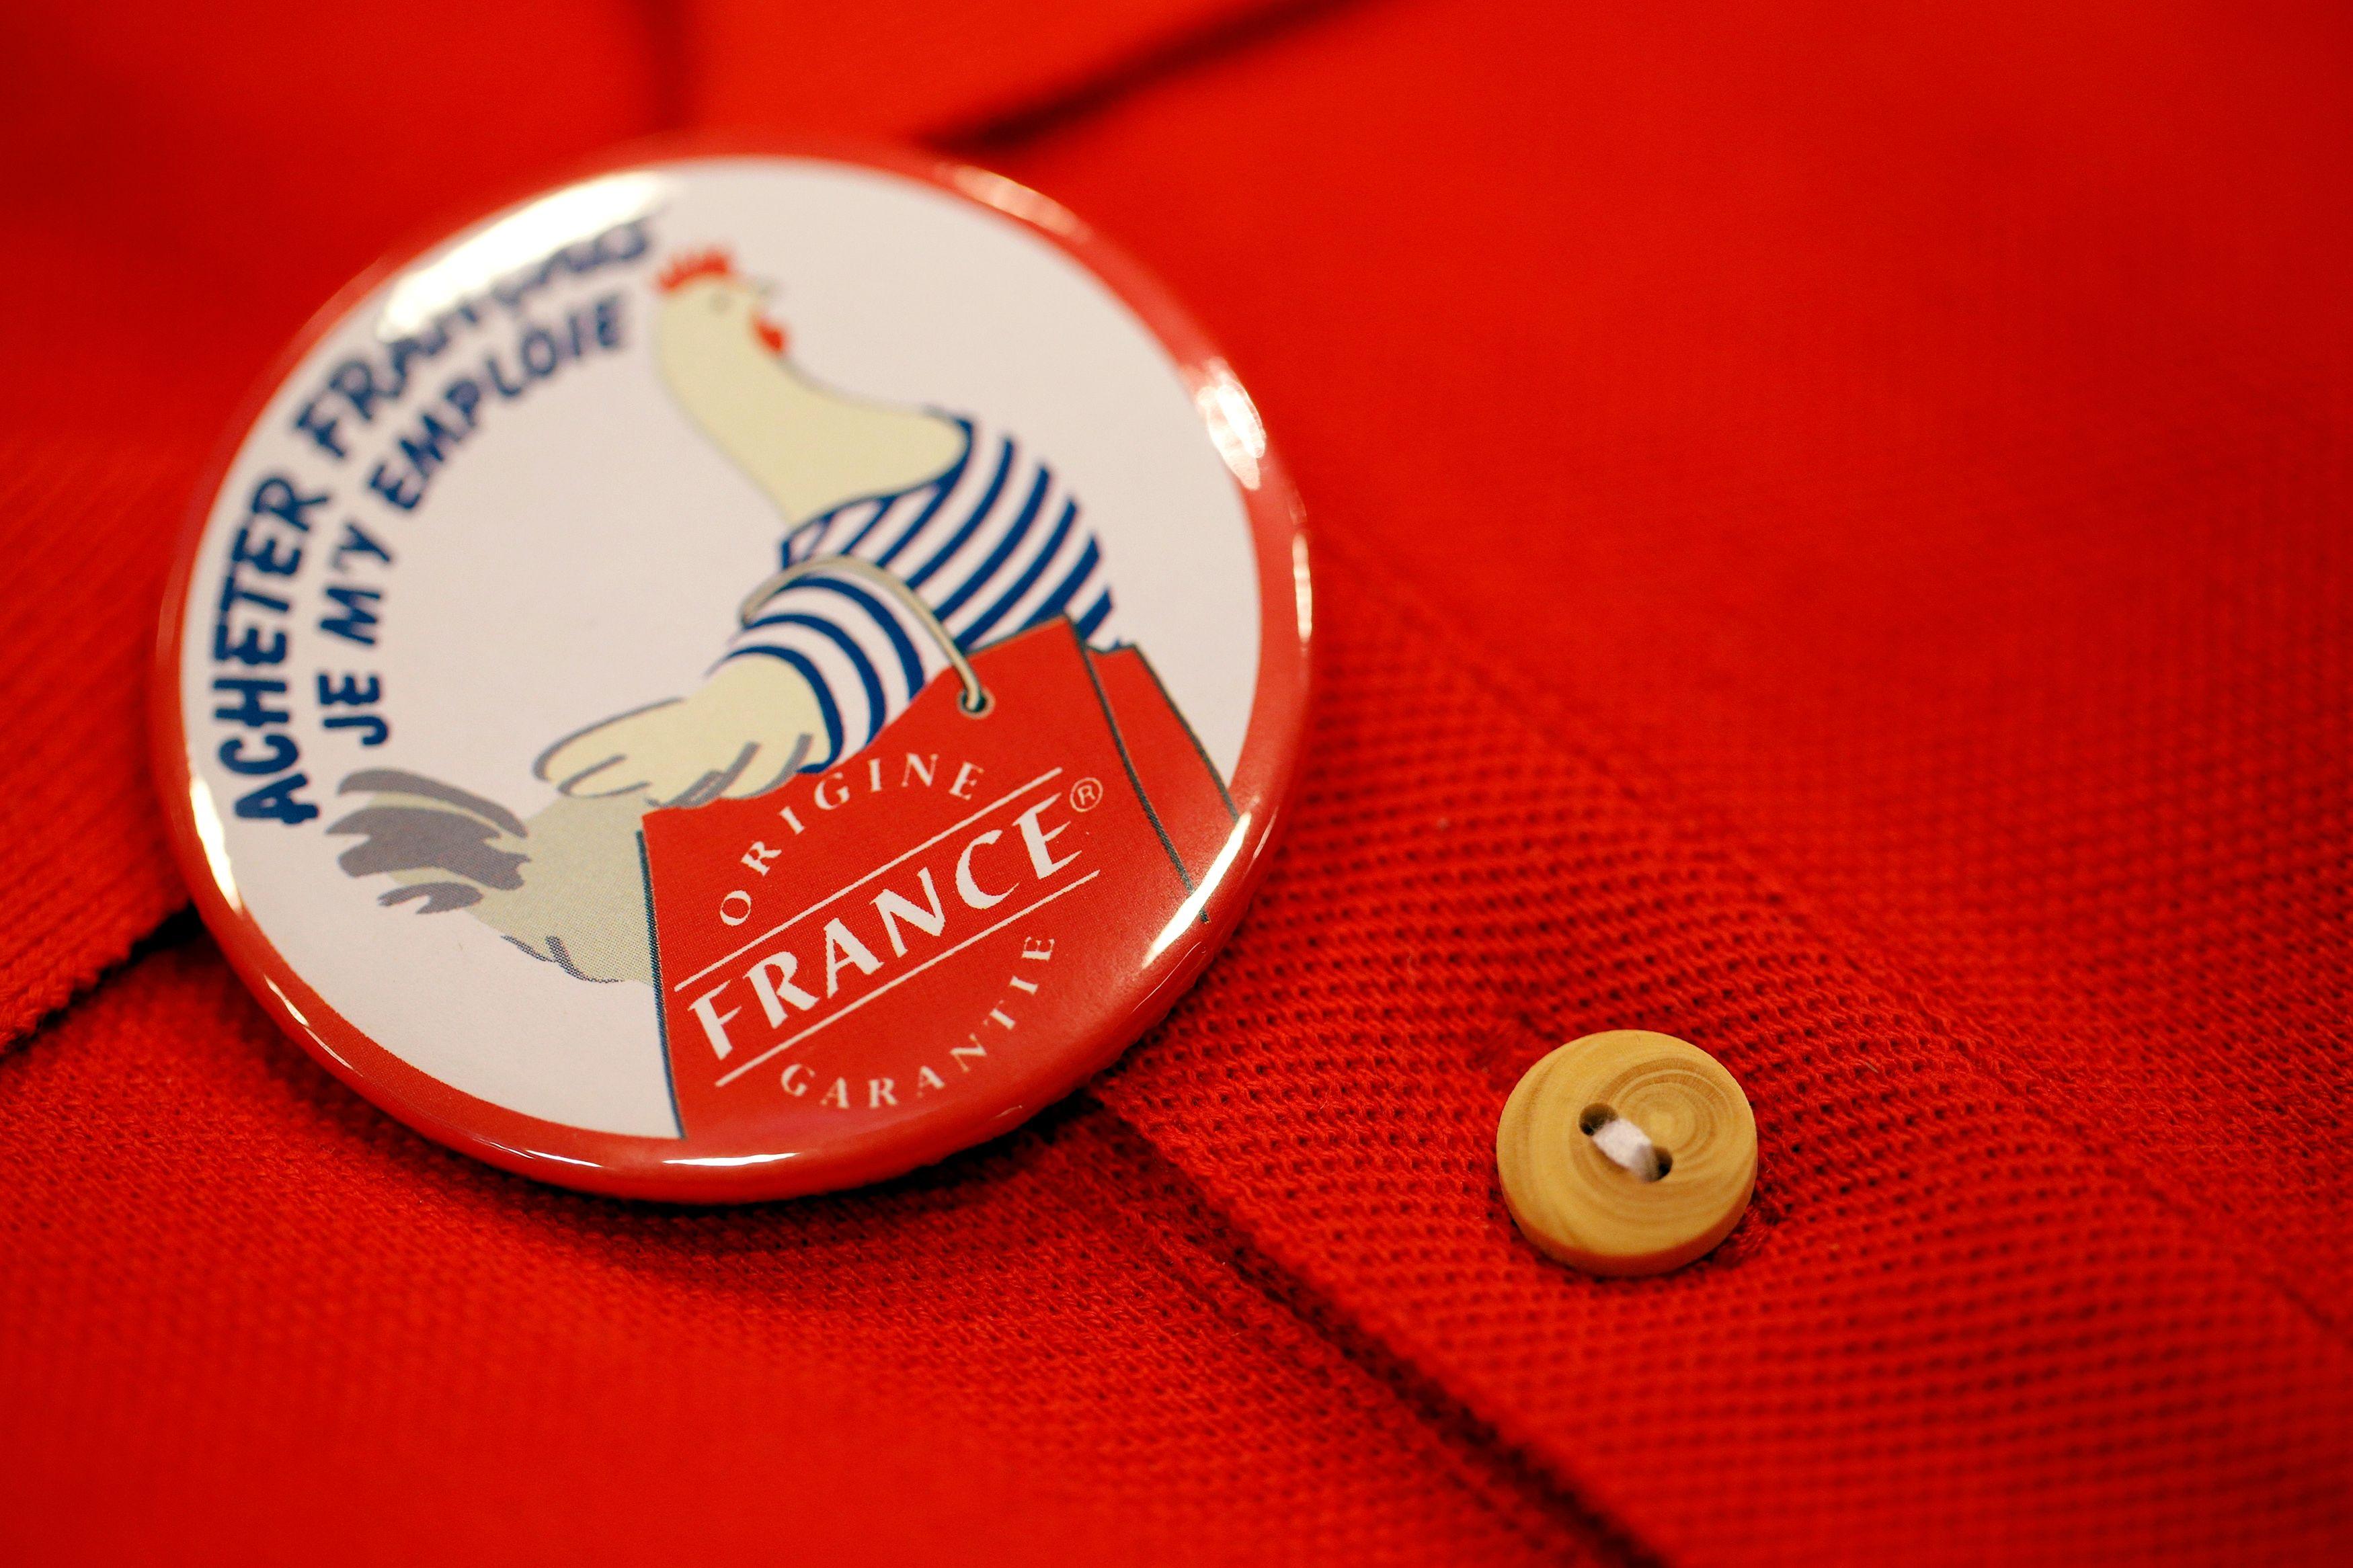 Ce que la marque France représente pour les étrangers